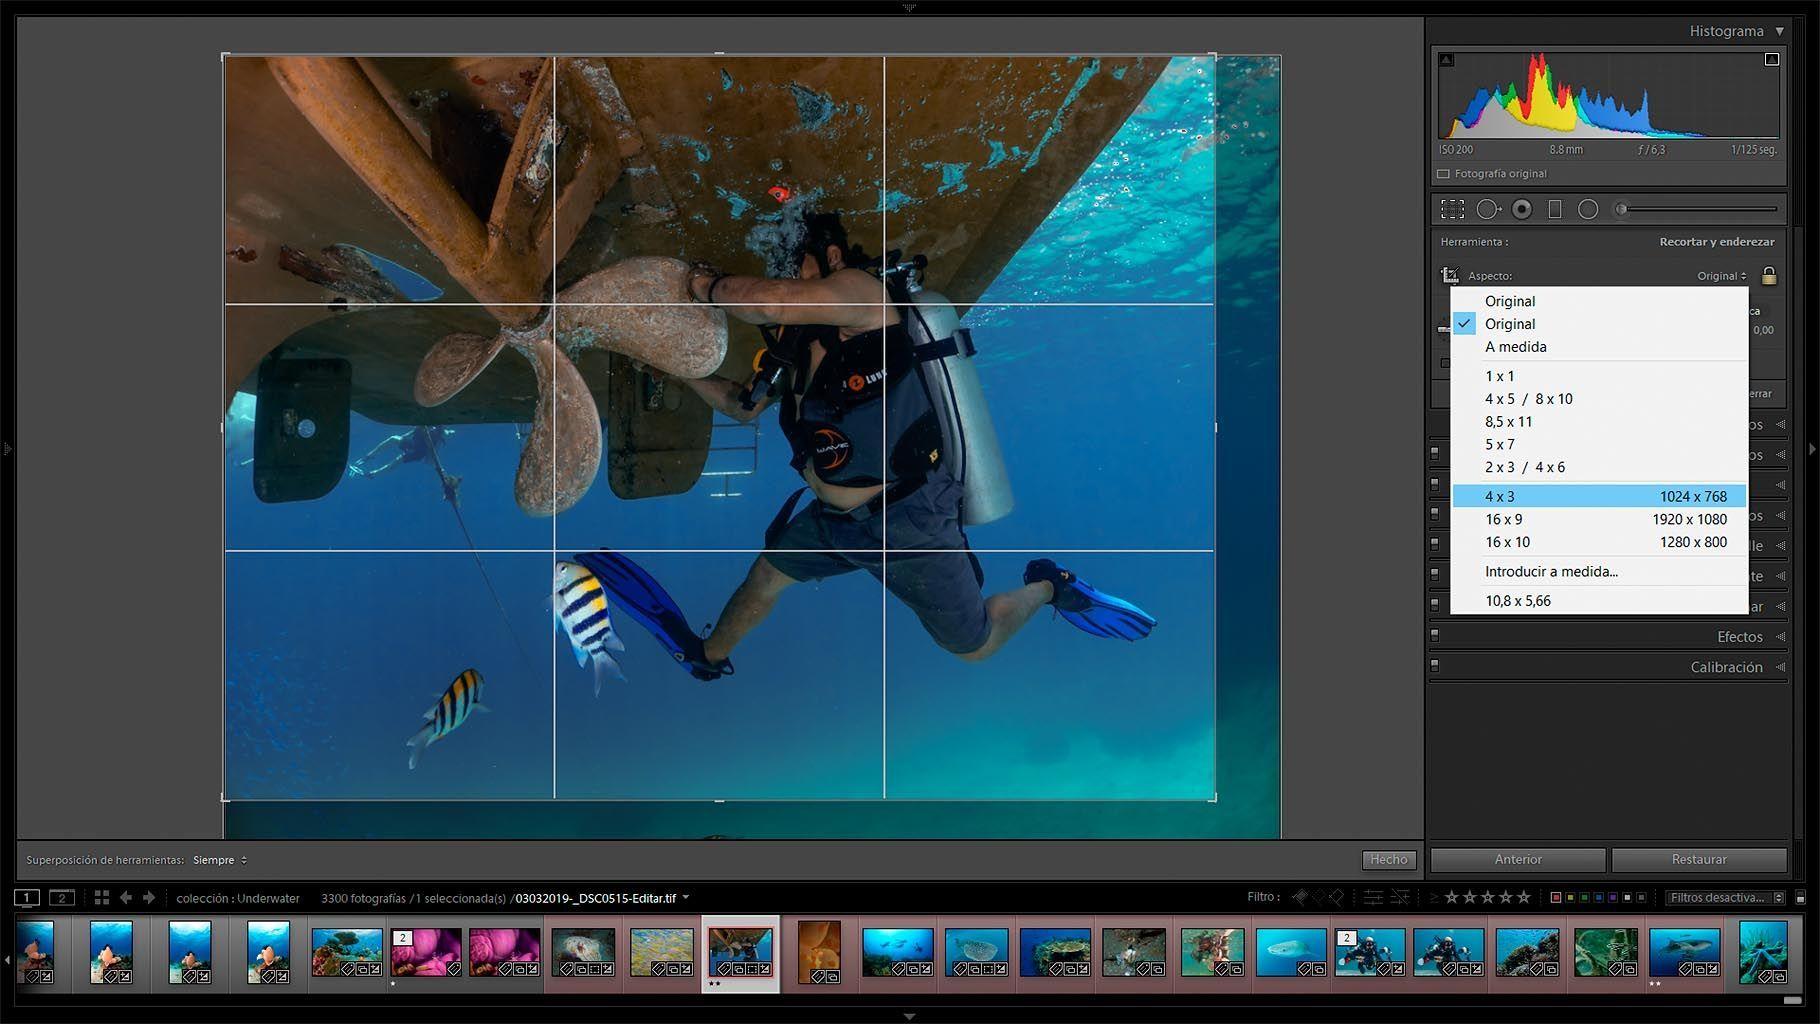 edicion de fotografias submarinas - recortar